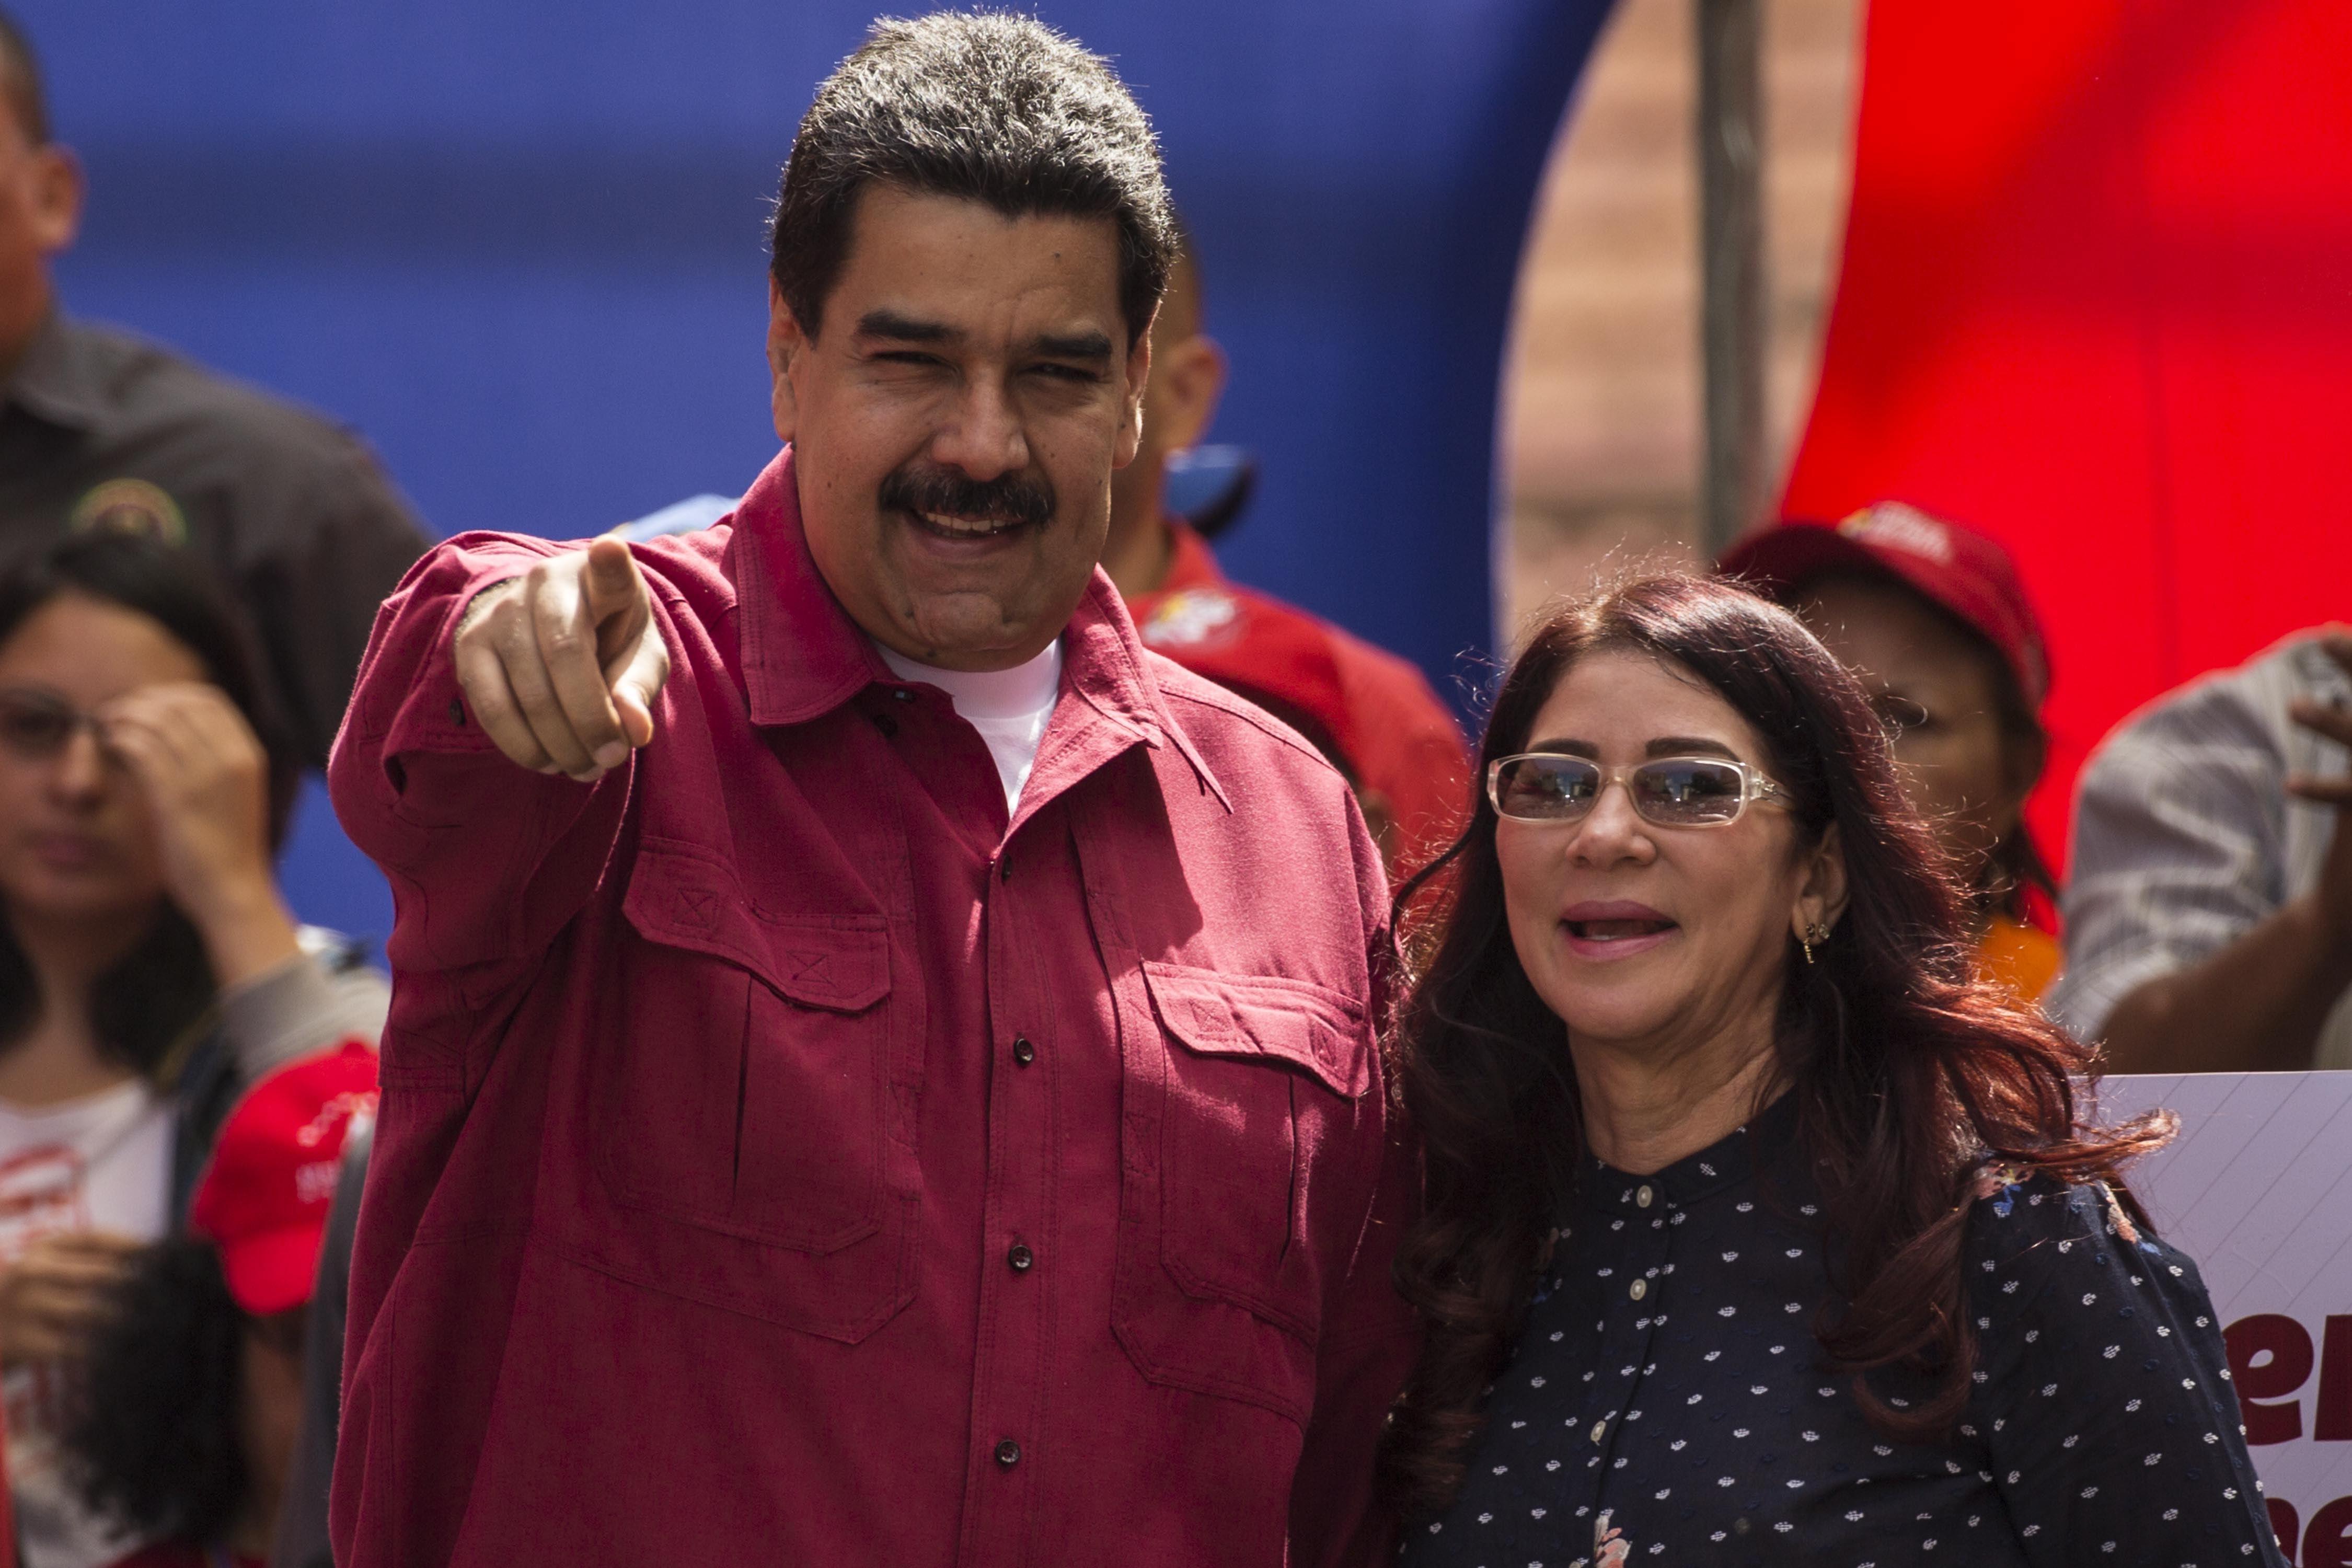 Constituinte assume as funções do Parlamento — Em atualização Venezuela